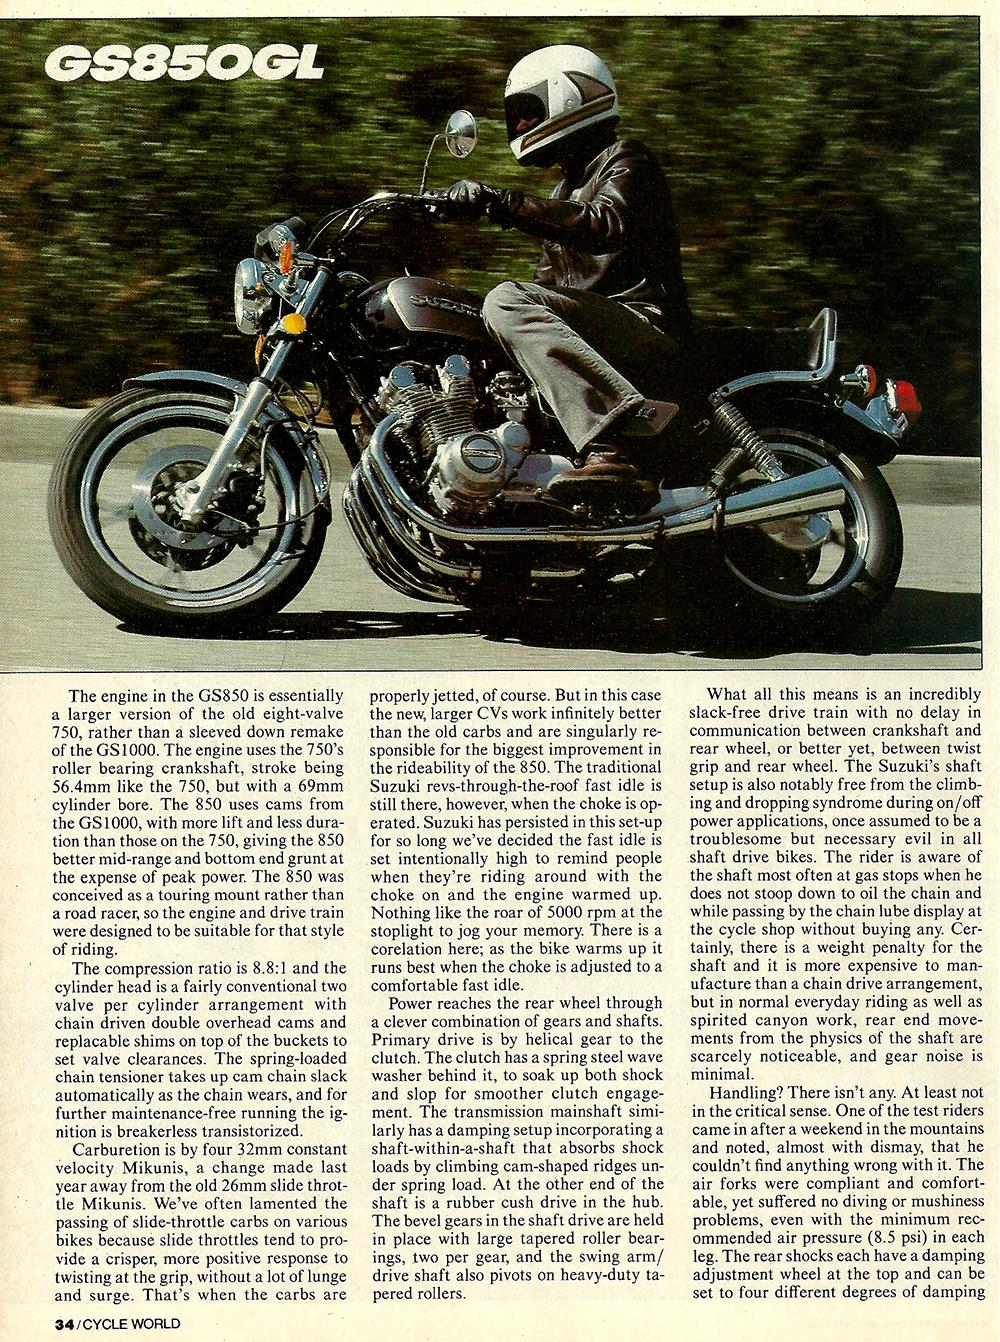 1982 Suzuki GS850GL road test 03.jpg